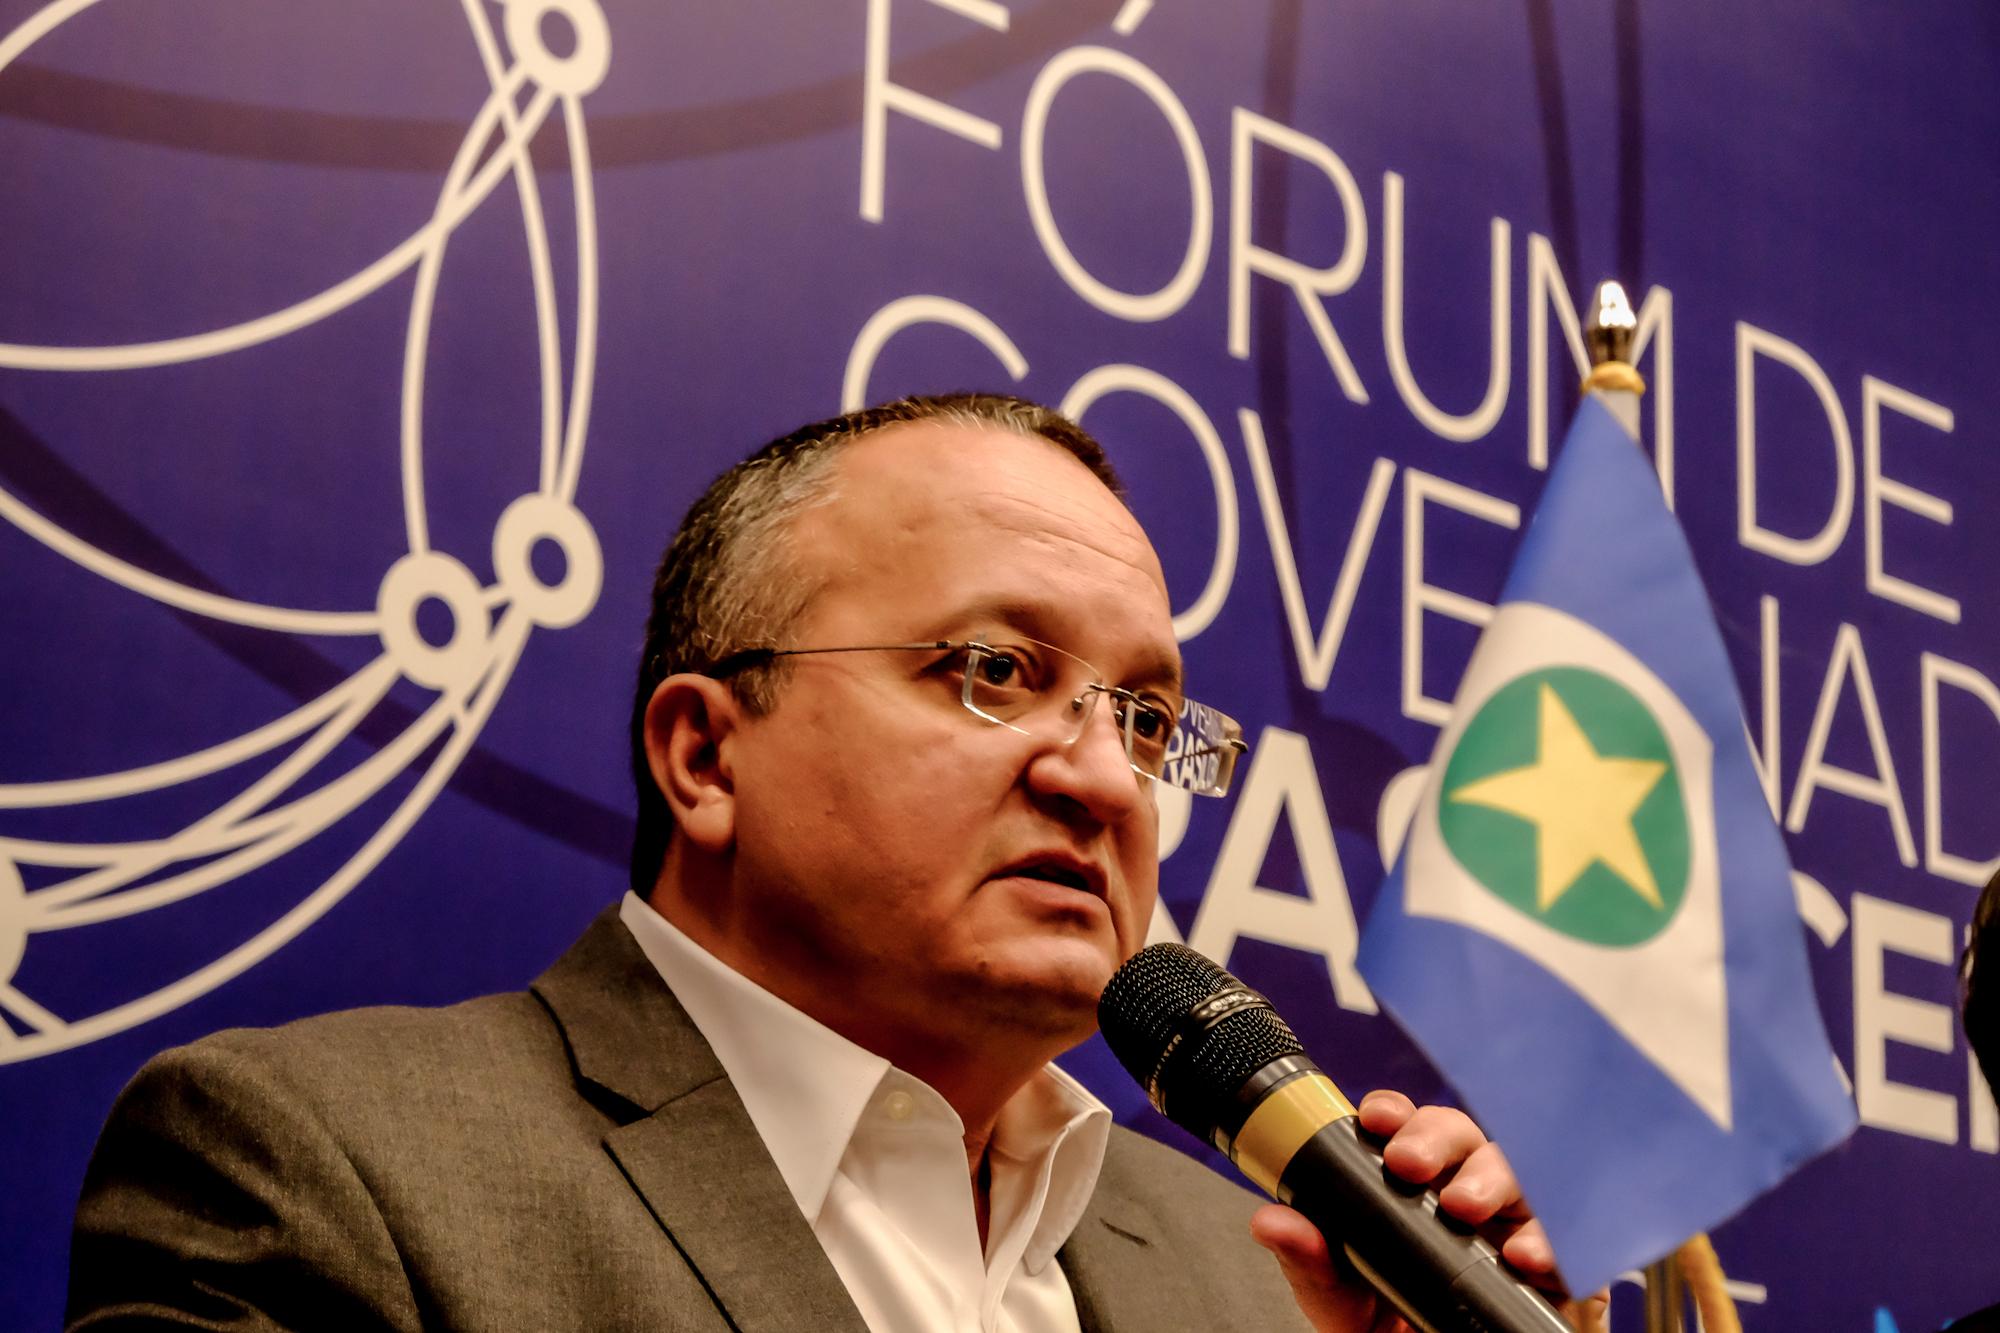 Governador participa do Fórum Brasil Central nesta sexta-feira